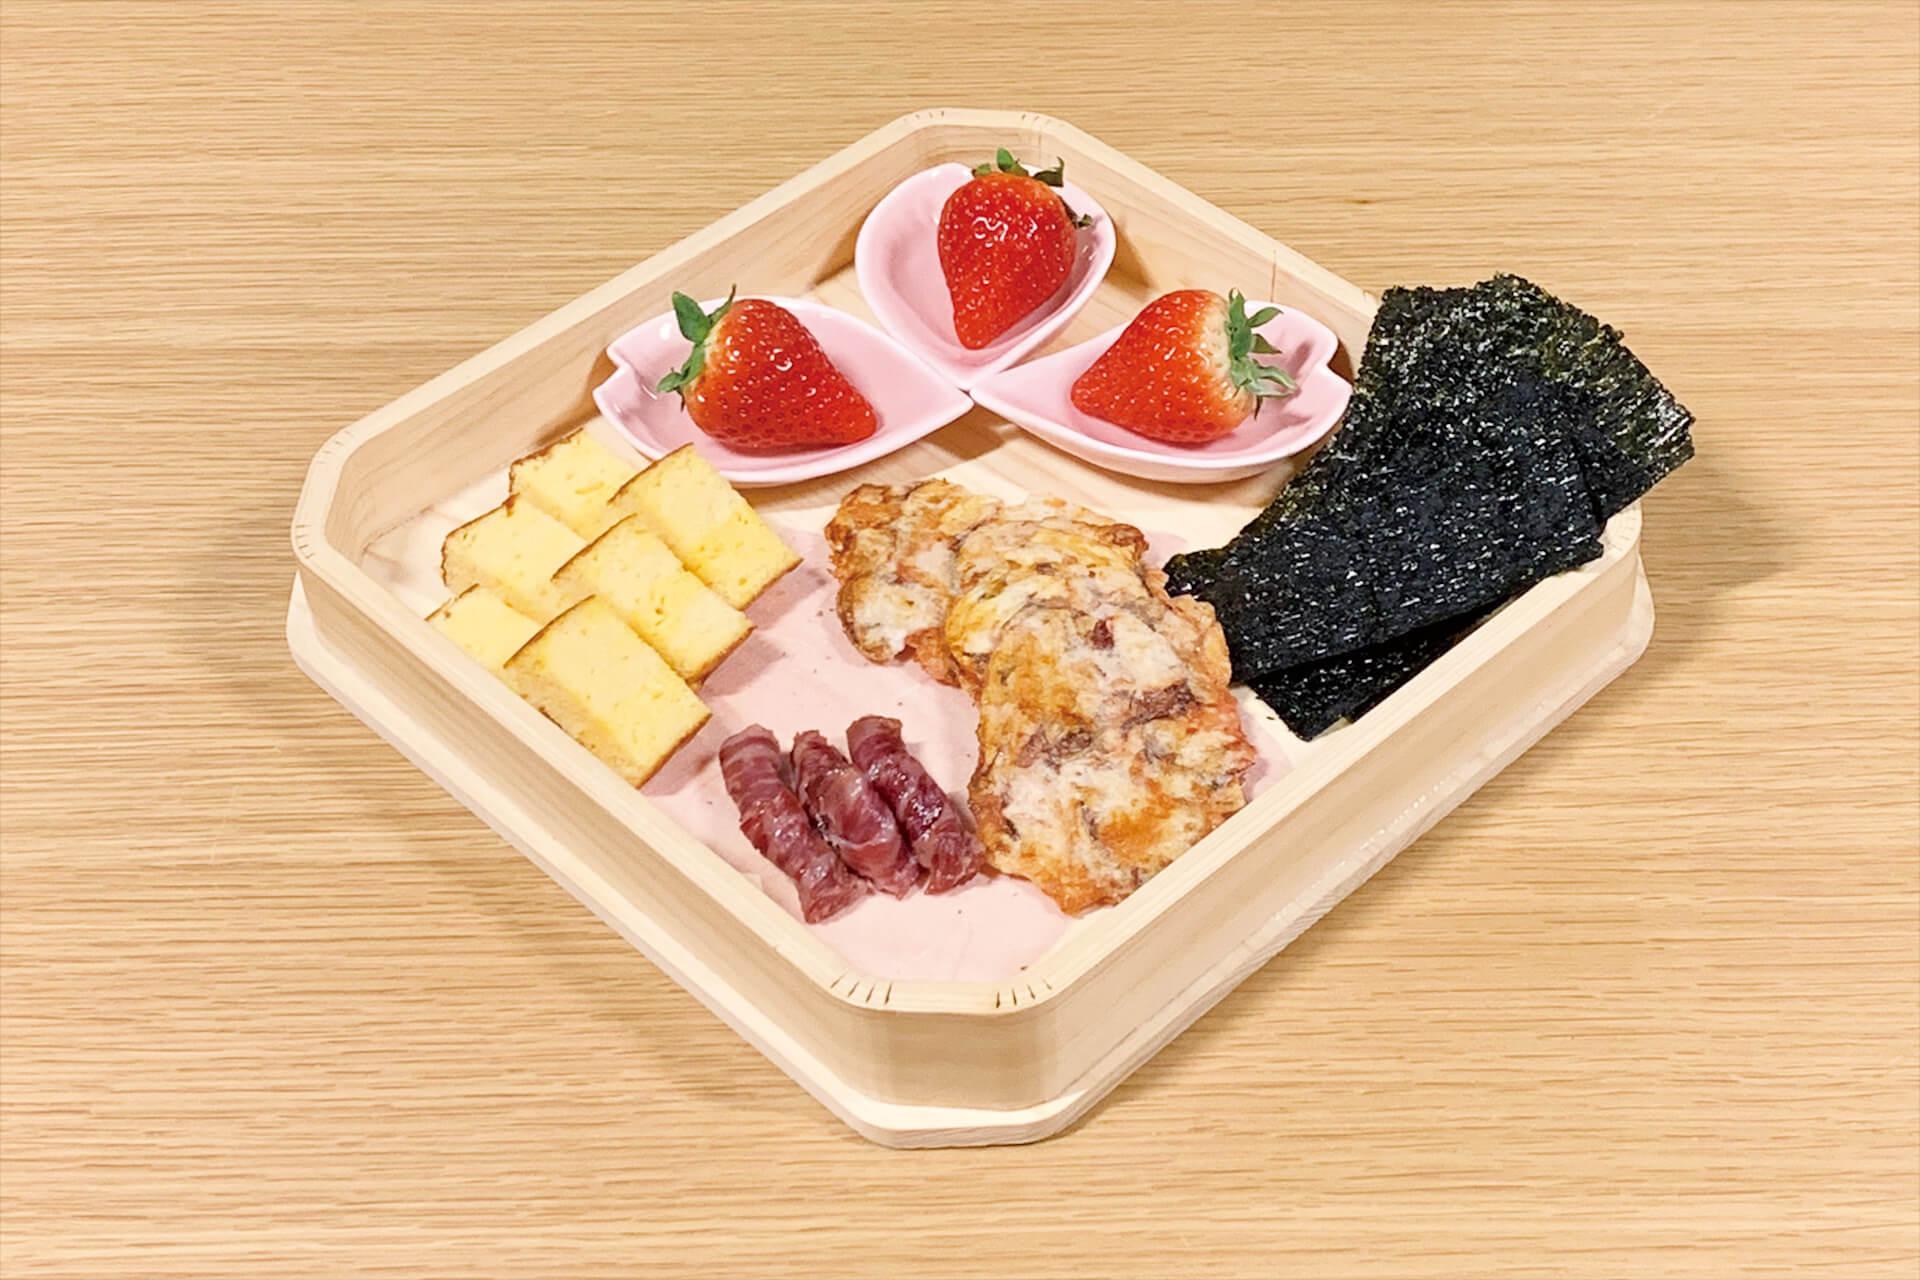 桜風呂や食べられる桜など限定メニューも!インドア花見「SAKURA CHILL BAR」が渋谷で期間限定開催決定 gourmet200218_sakurachill_06